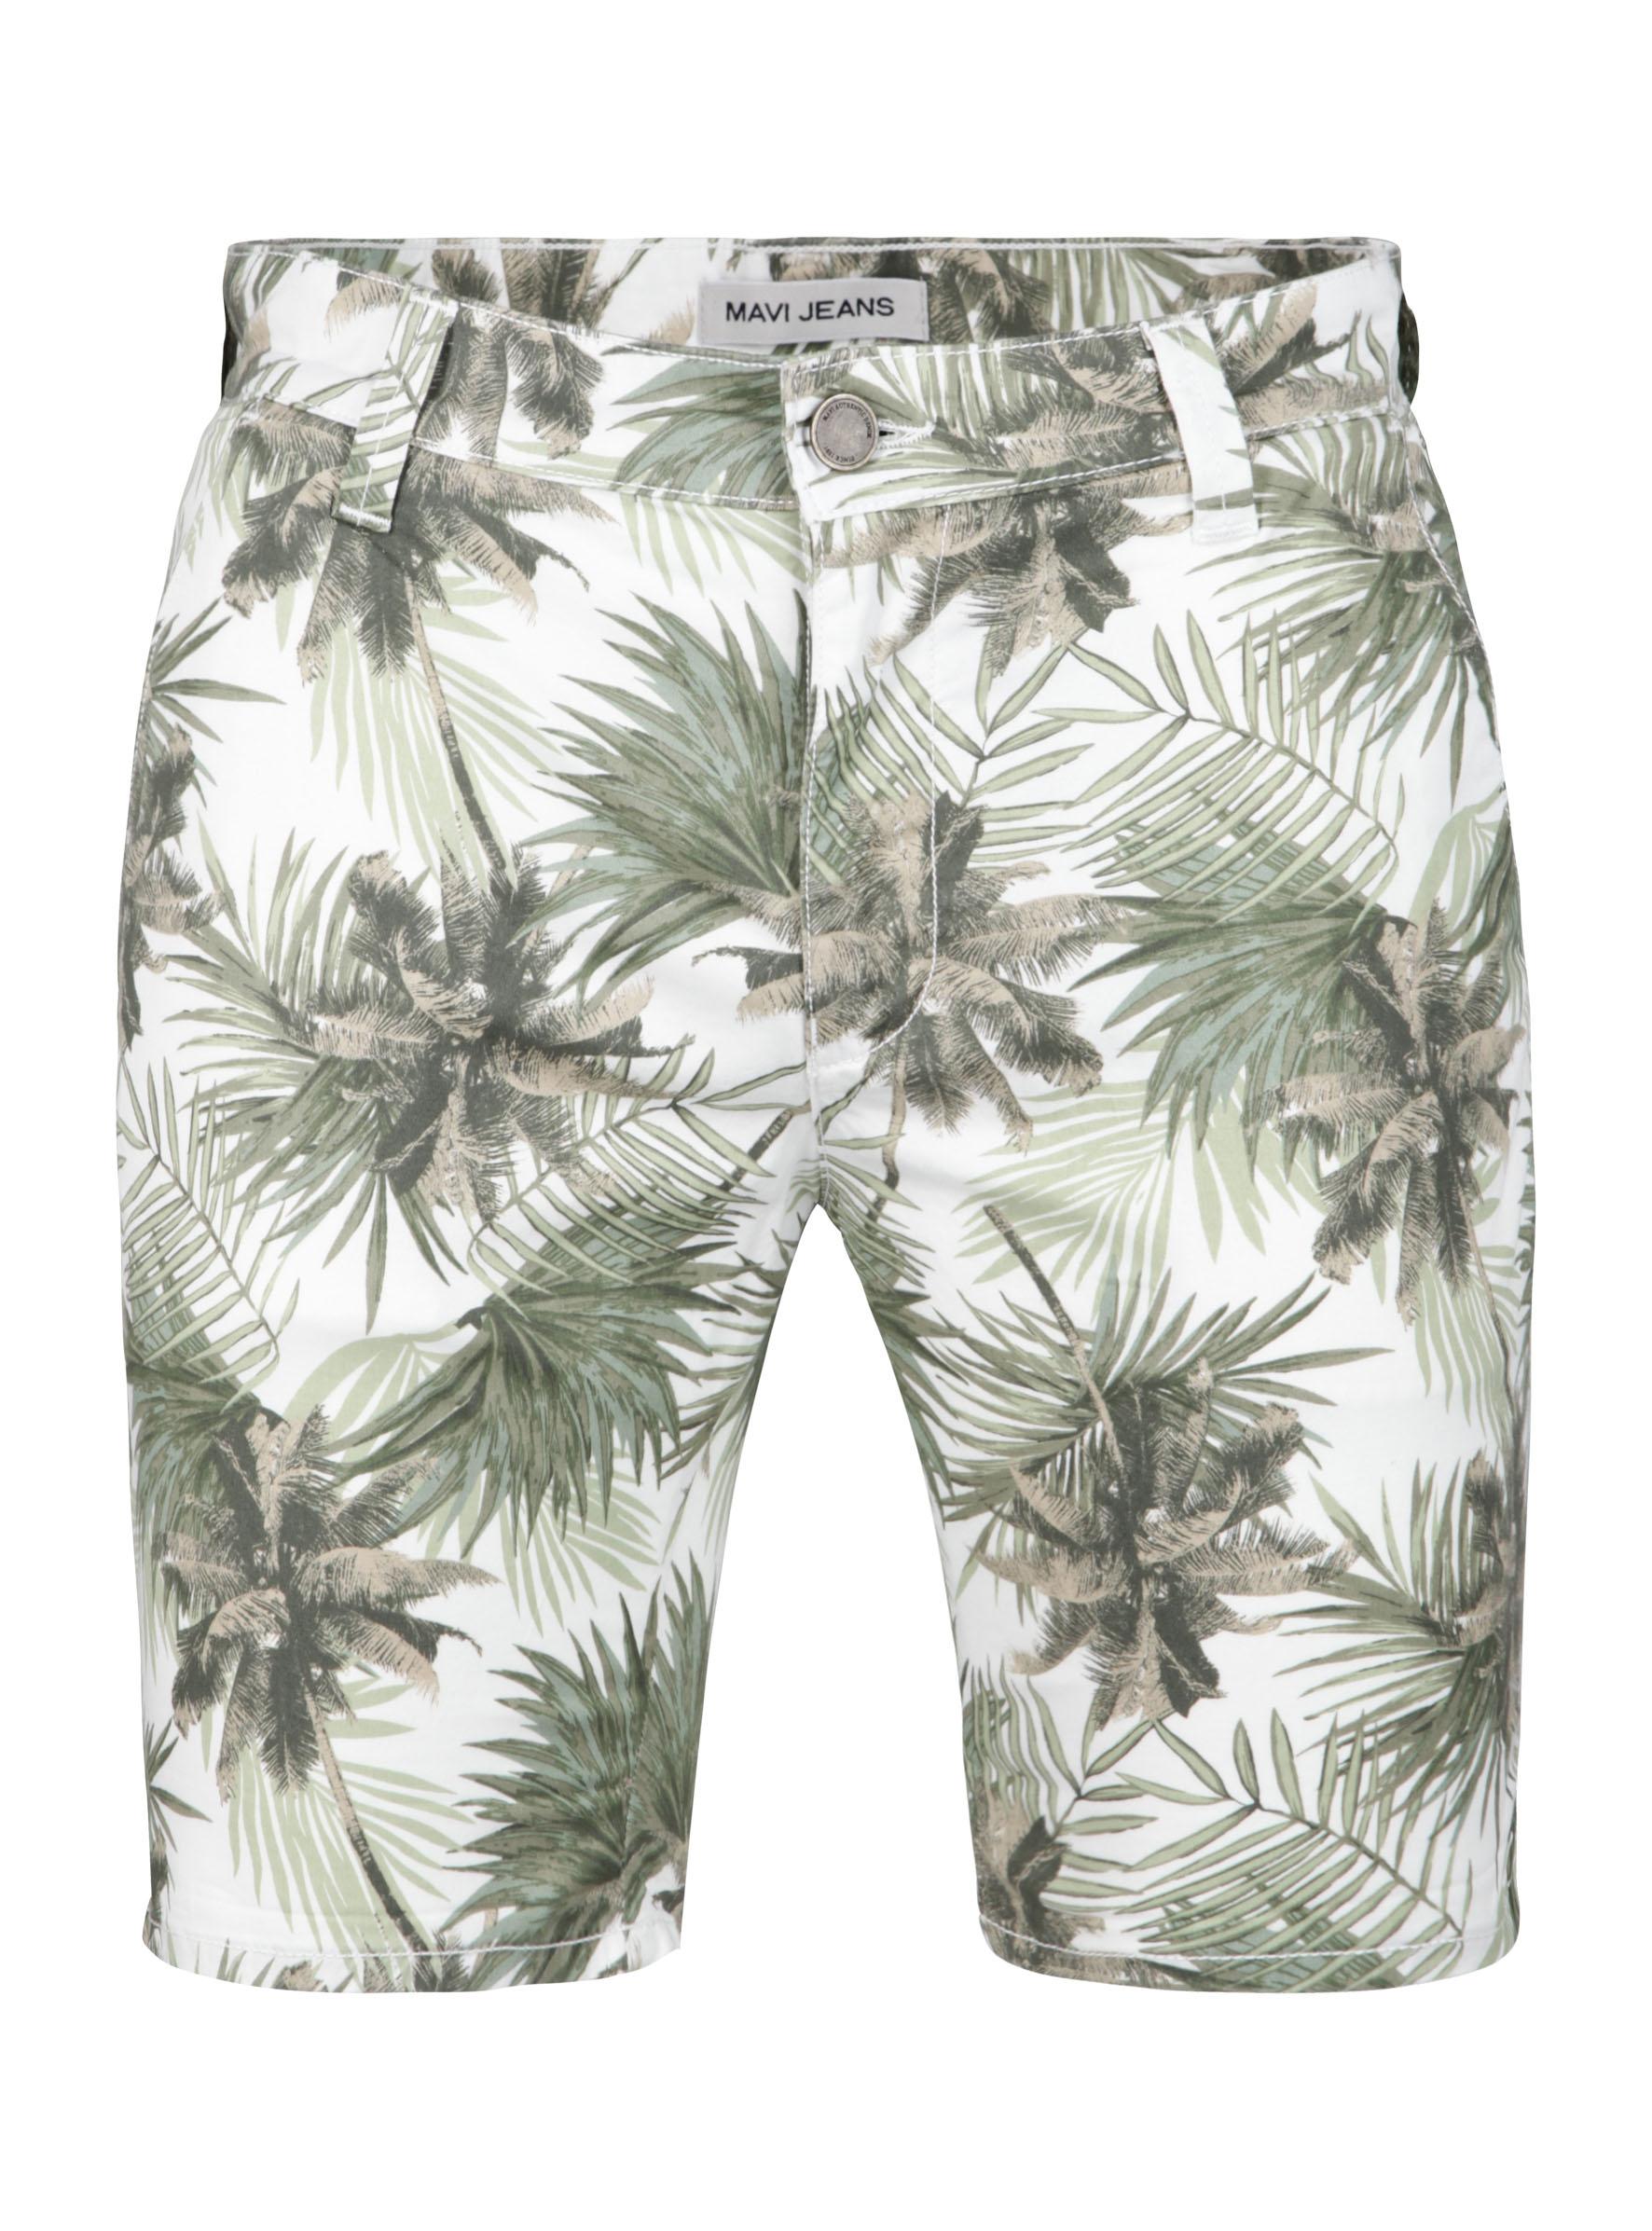 Cooler Palmen-Print und weitere Motive jetzt in der Mavi Jeans Sommerkollektion bei den Herren Shorts